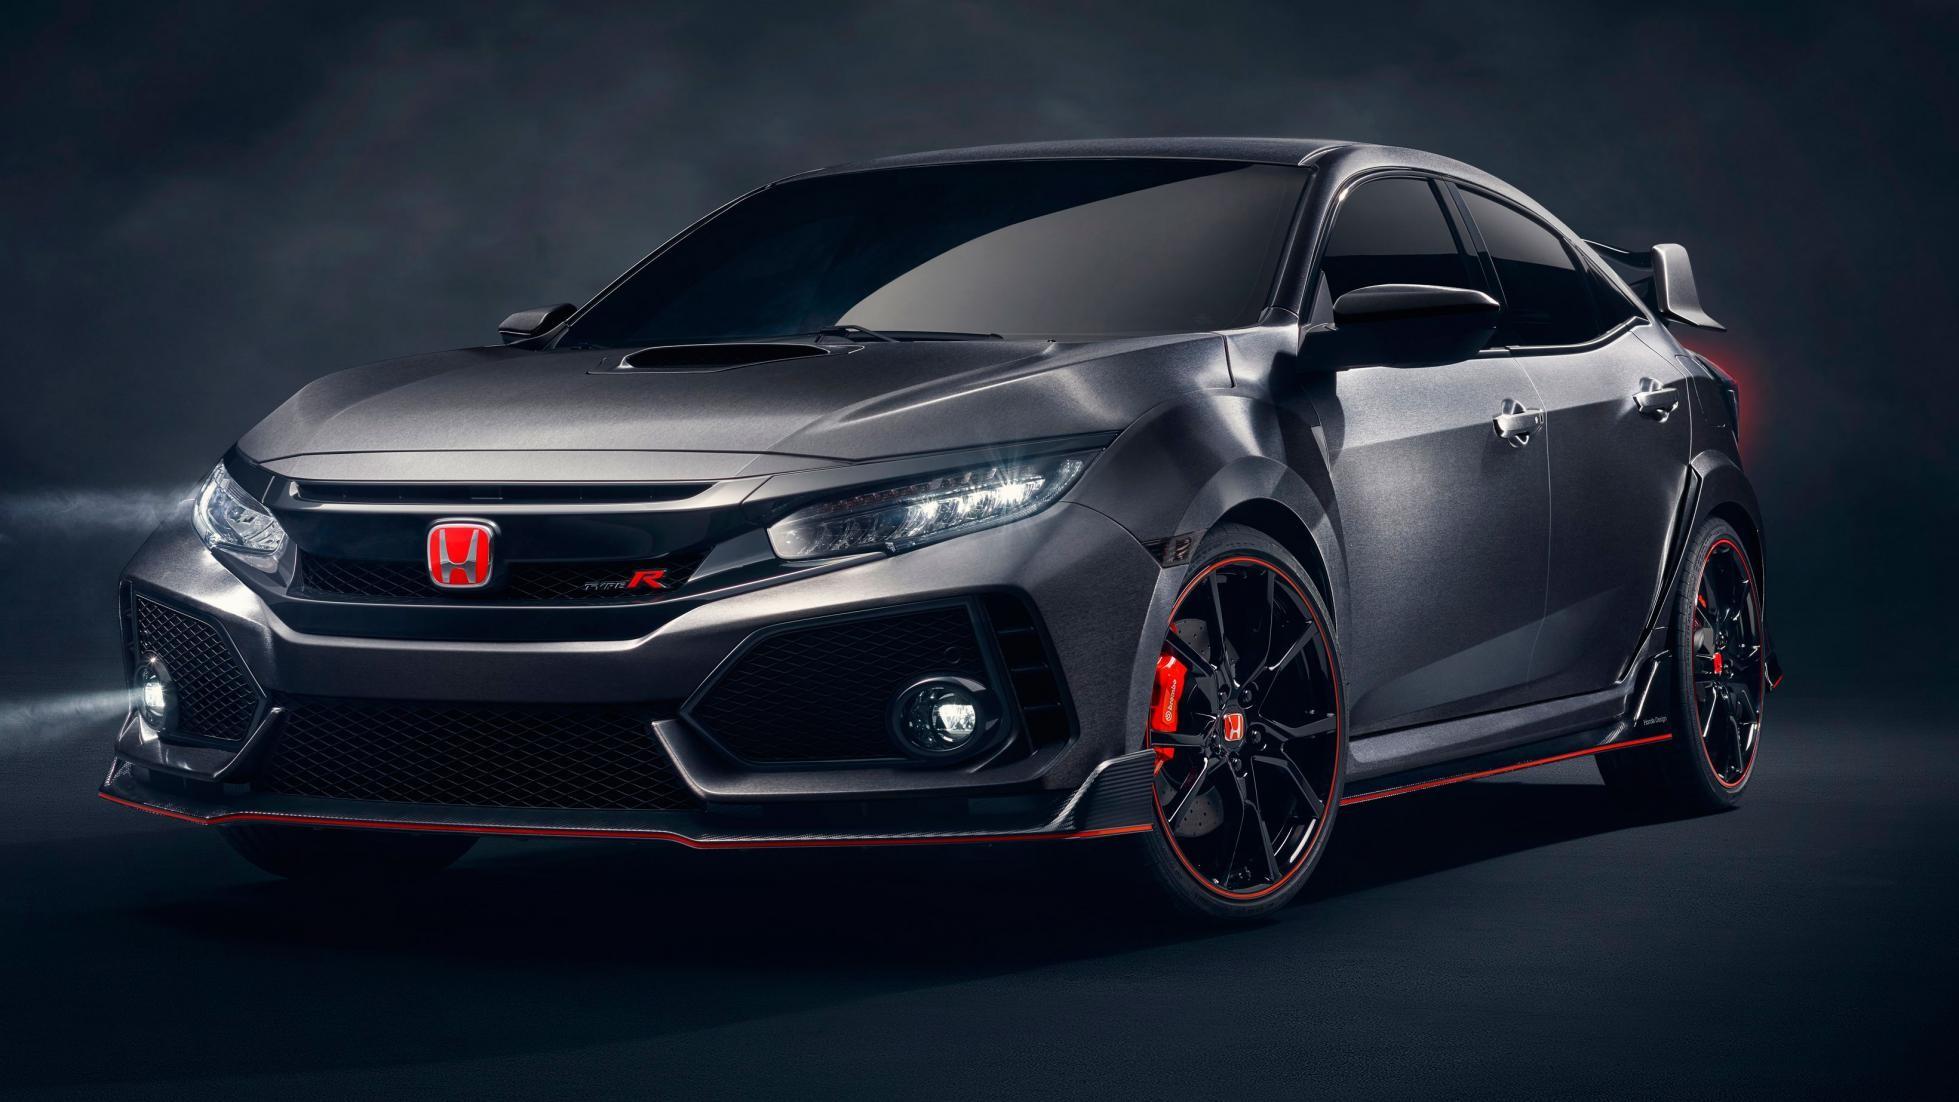 Появились первые фото хэтчбека Хонда Civic Type R